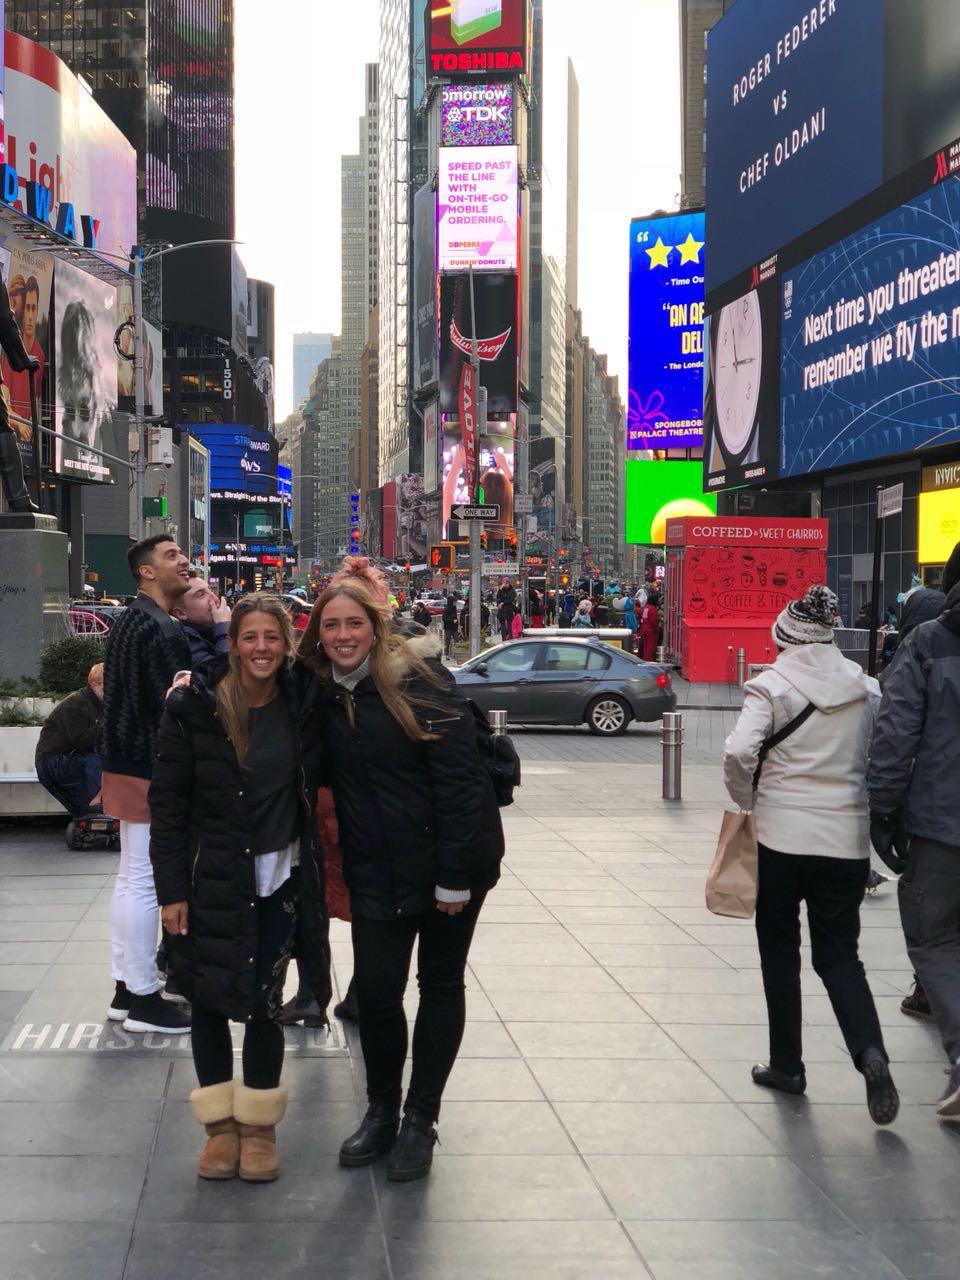 NY Concierges - Los grupos están a cargo de profesionales bilingües que conocen muy bien la ciudad y están disponibles 24 horas para asesoramiento.